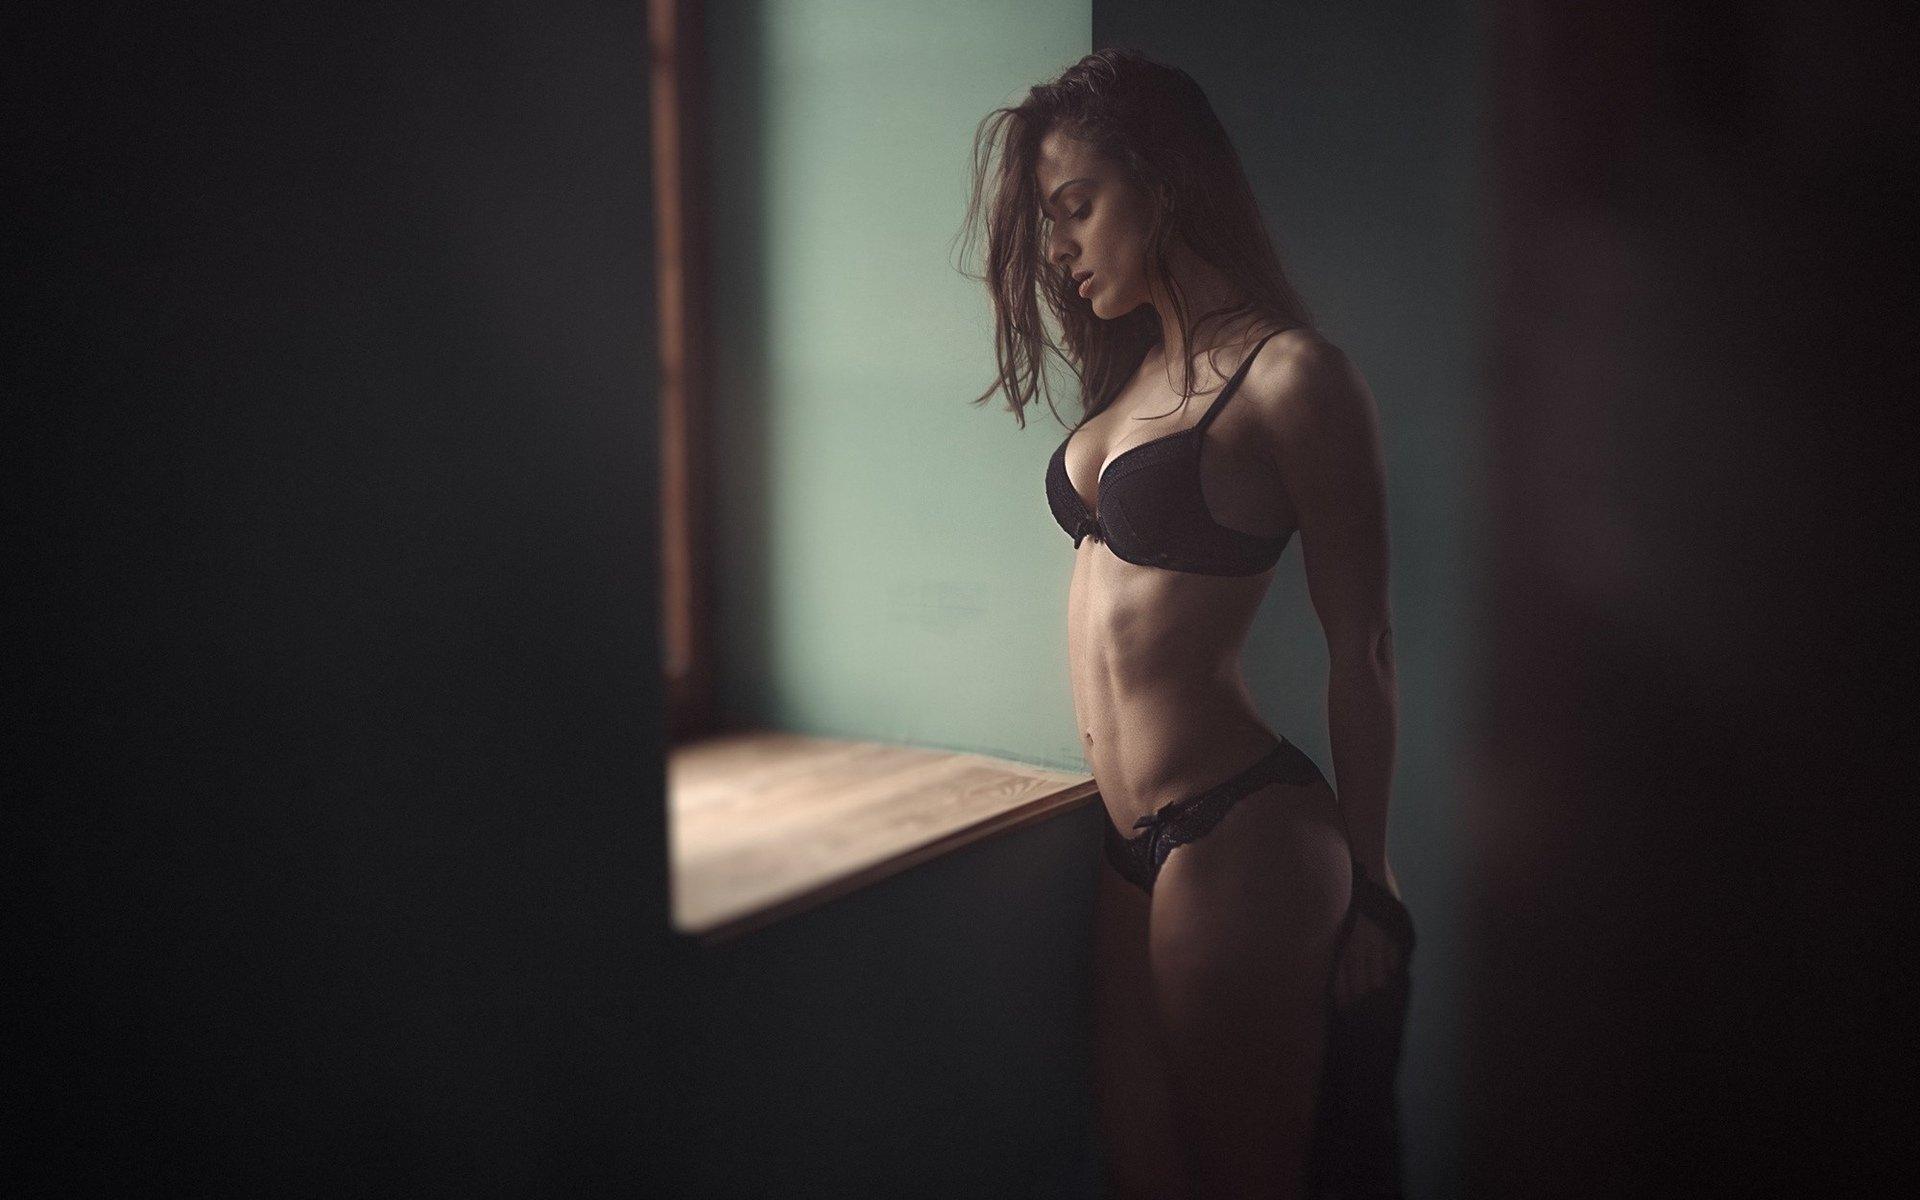 Девушка Красиво Обнажает Тело